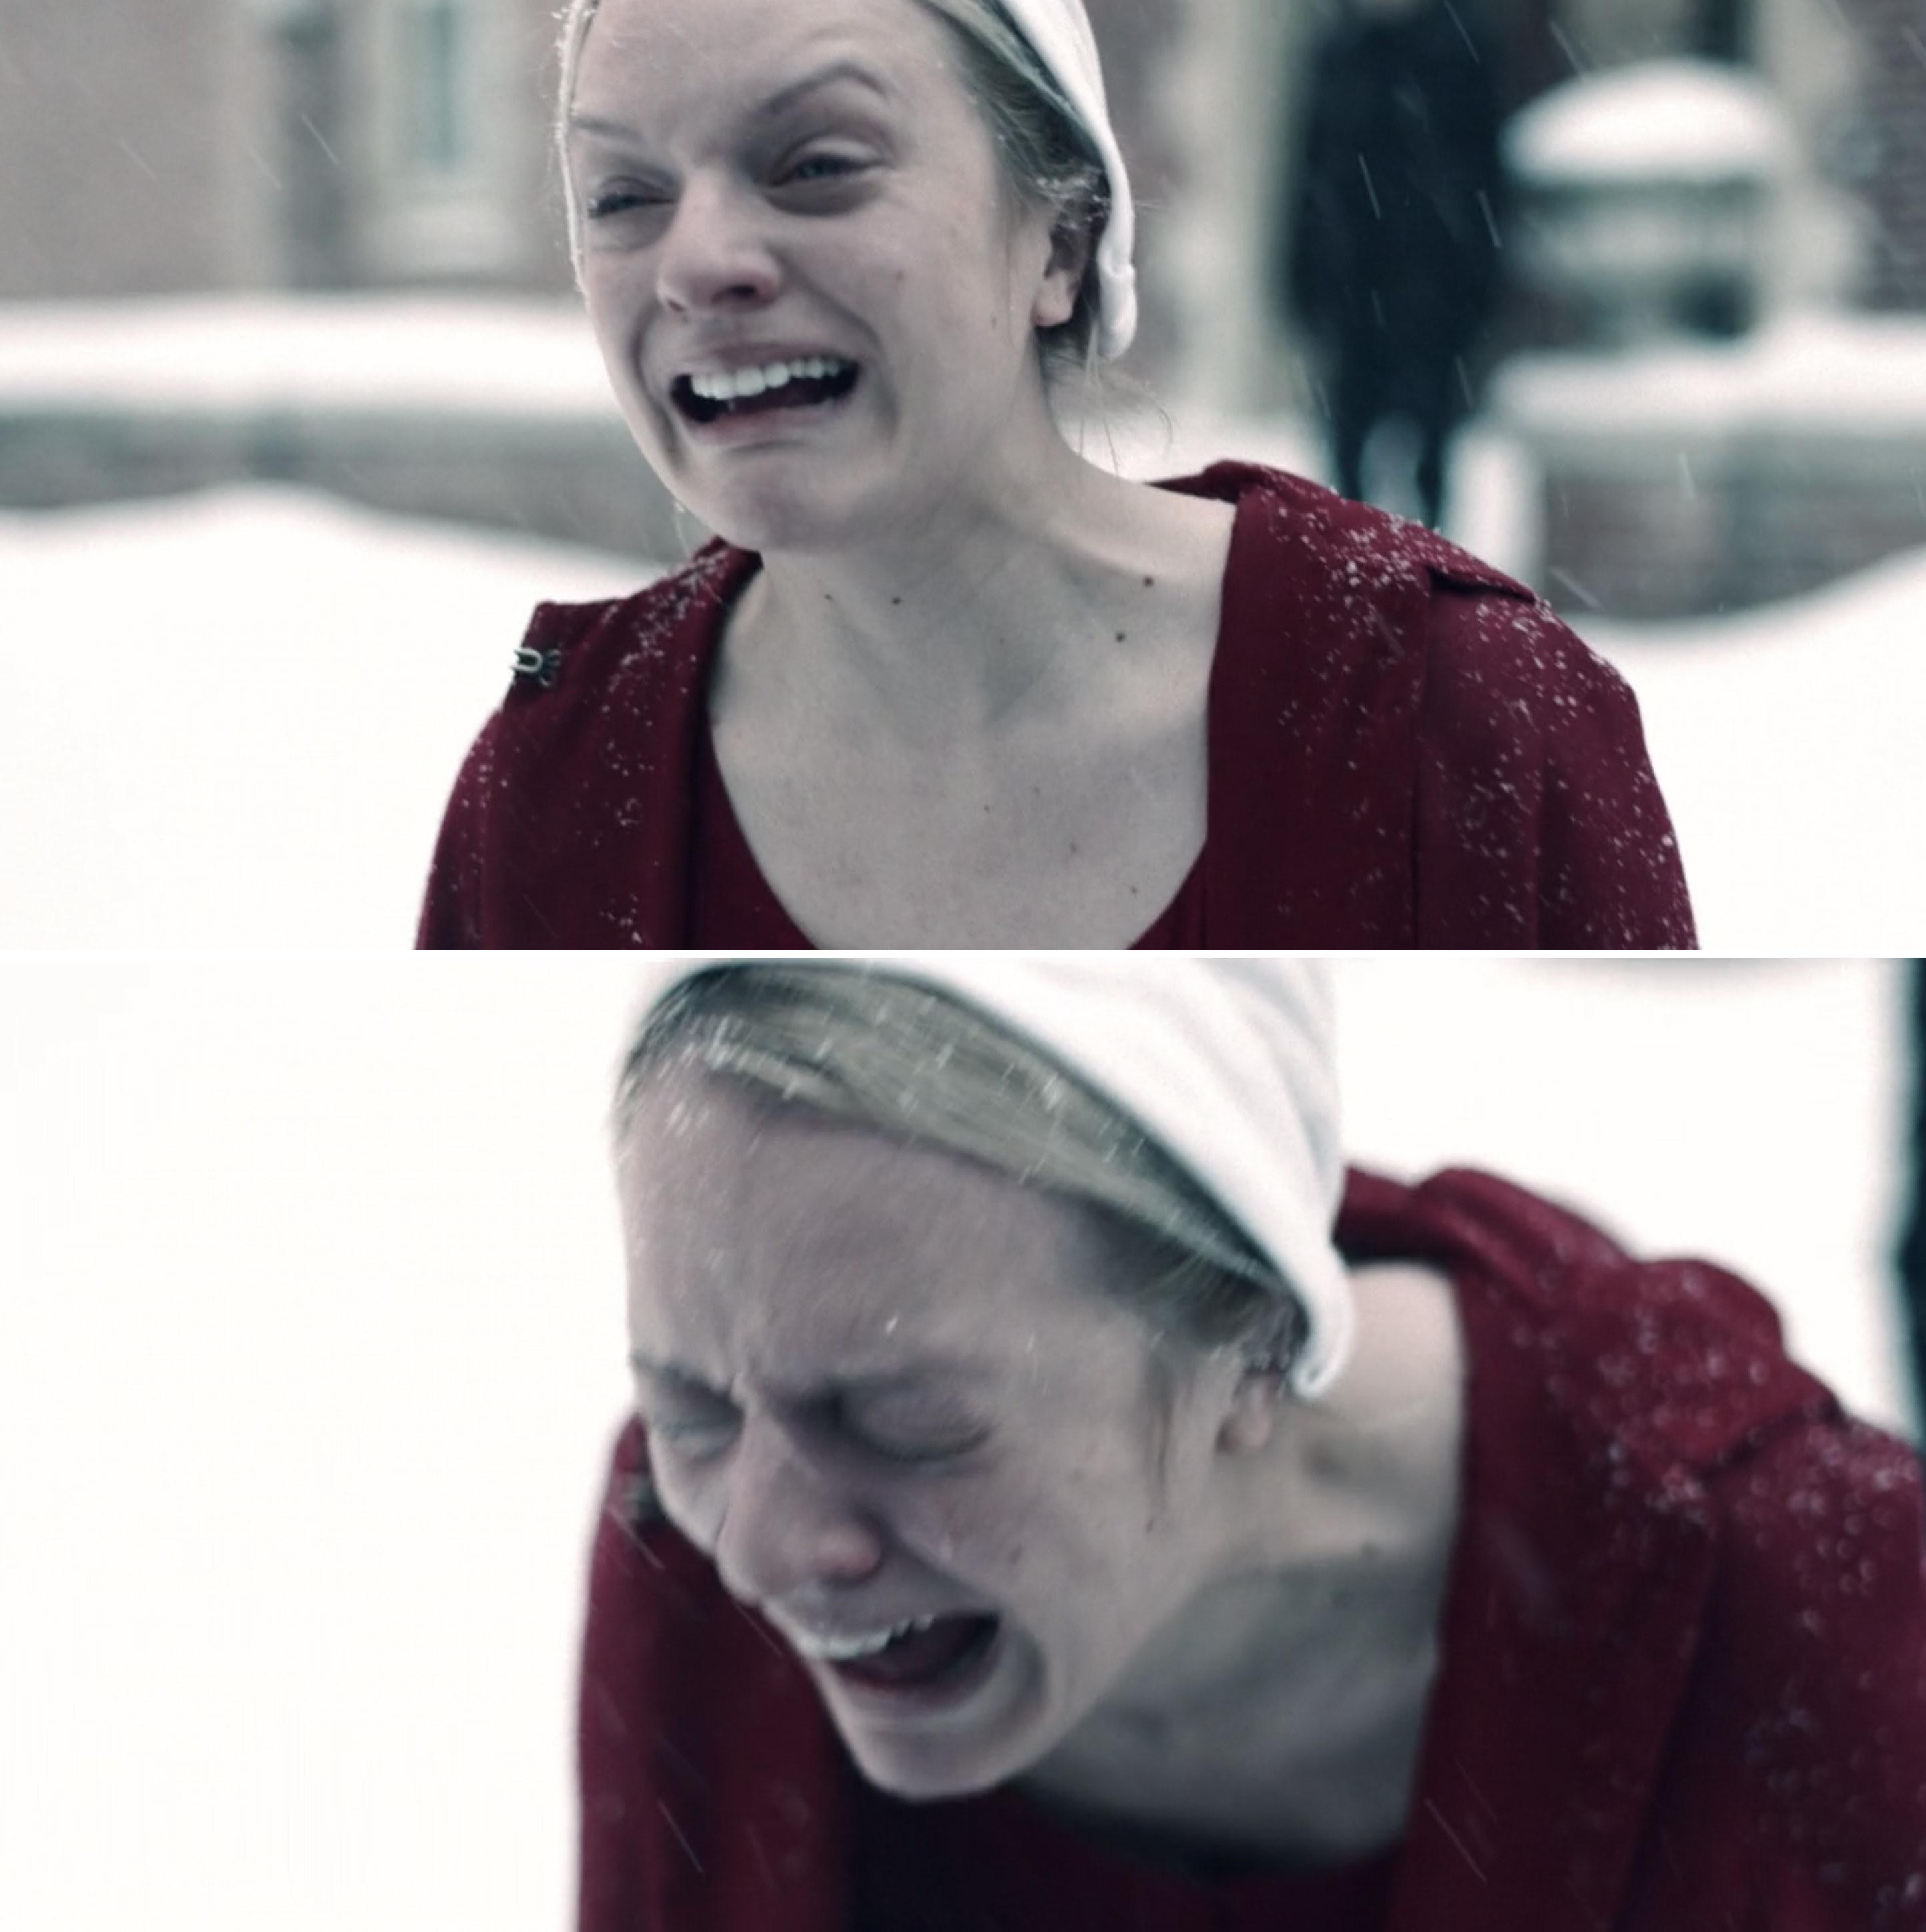 June sobbing in the snow